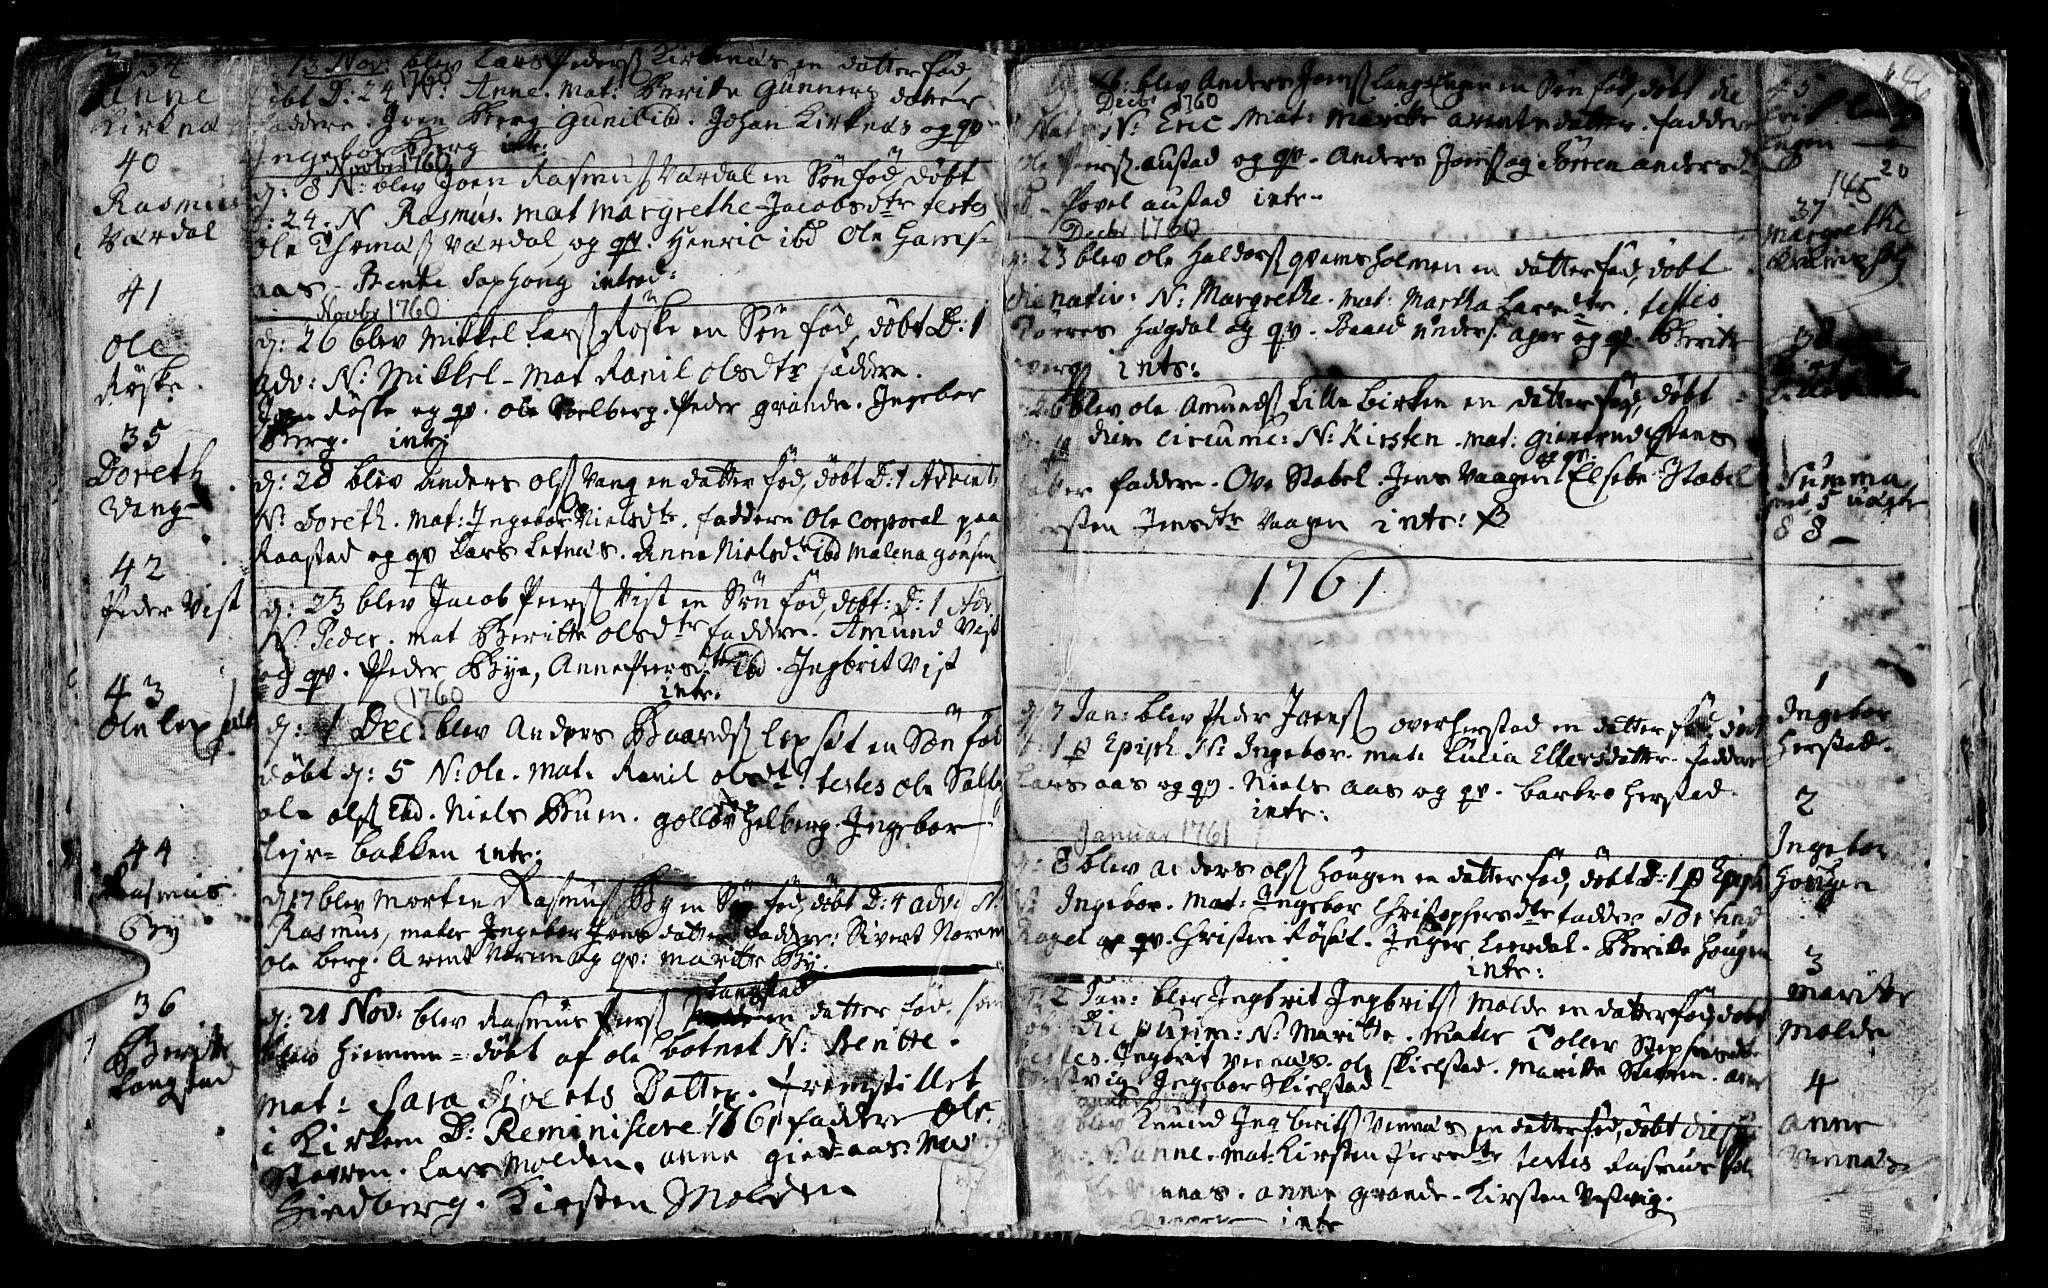 SAT, Ministerialprotokoller, klokkerbøker og fødselsregistre - Nord-Trøndelag, 730/L0272: Ministerialbok nr. 730A01, 1733-1764, s. 145